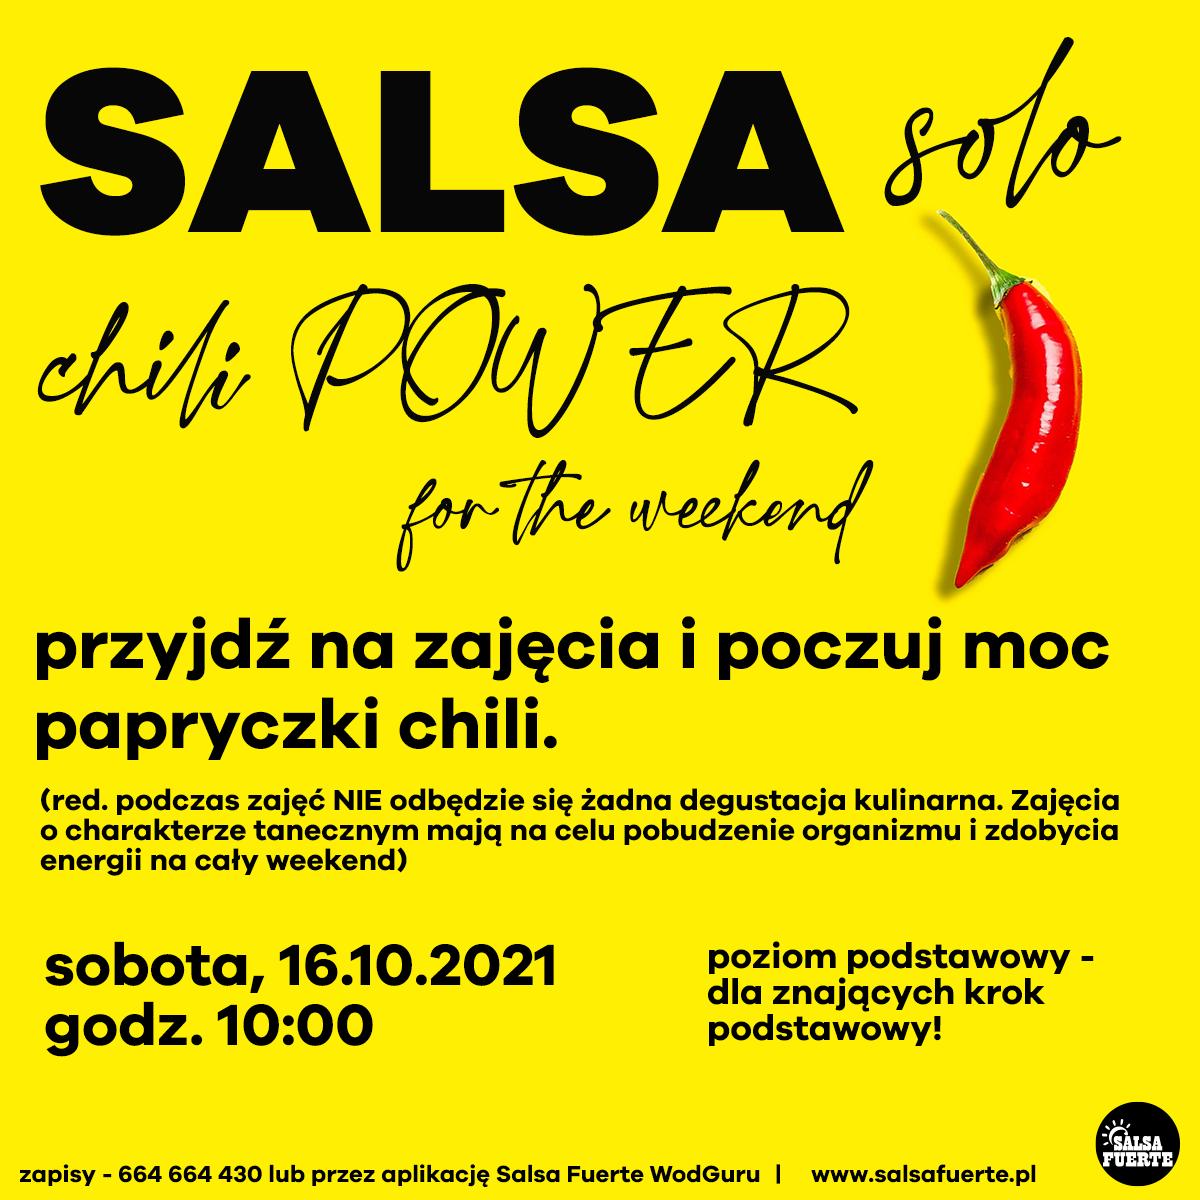 salsa-solo-chili-power